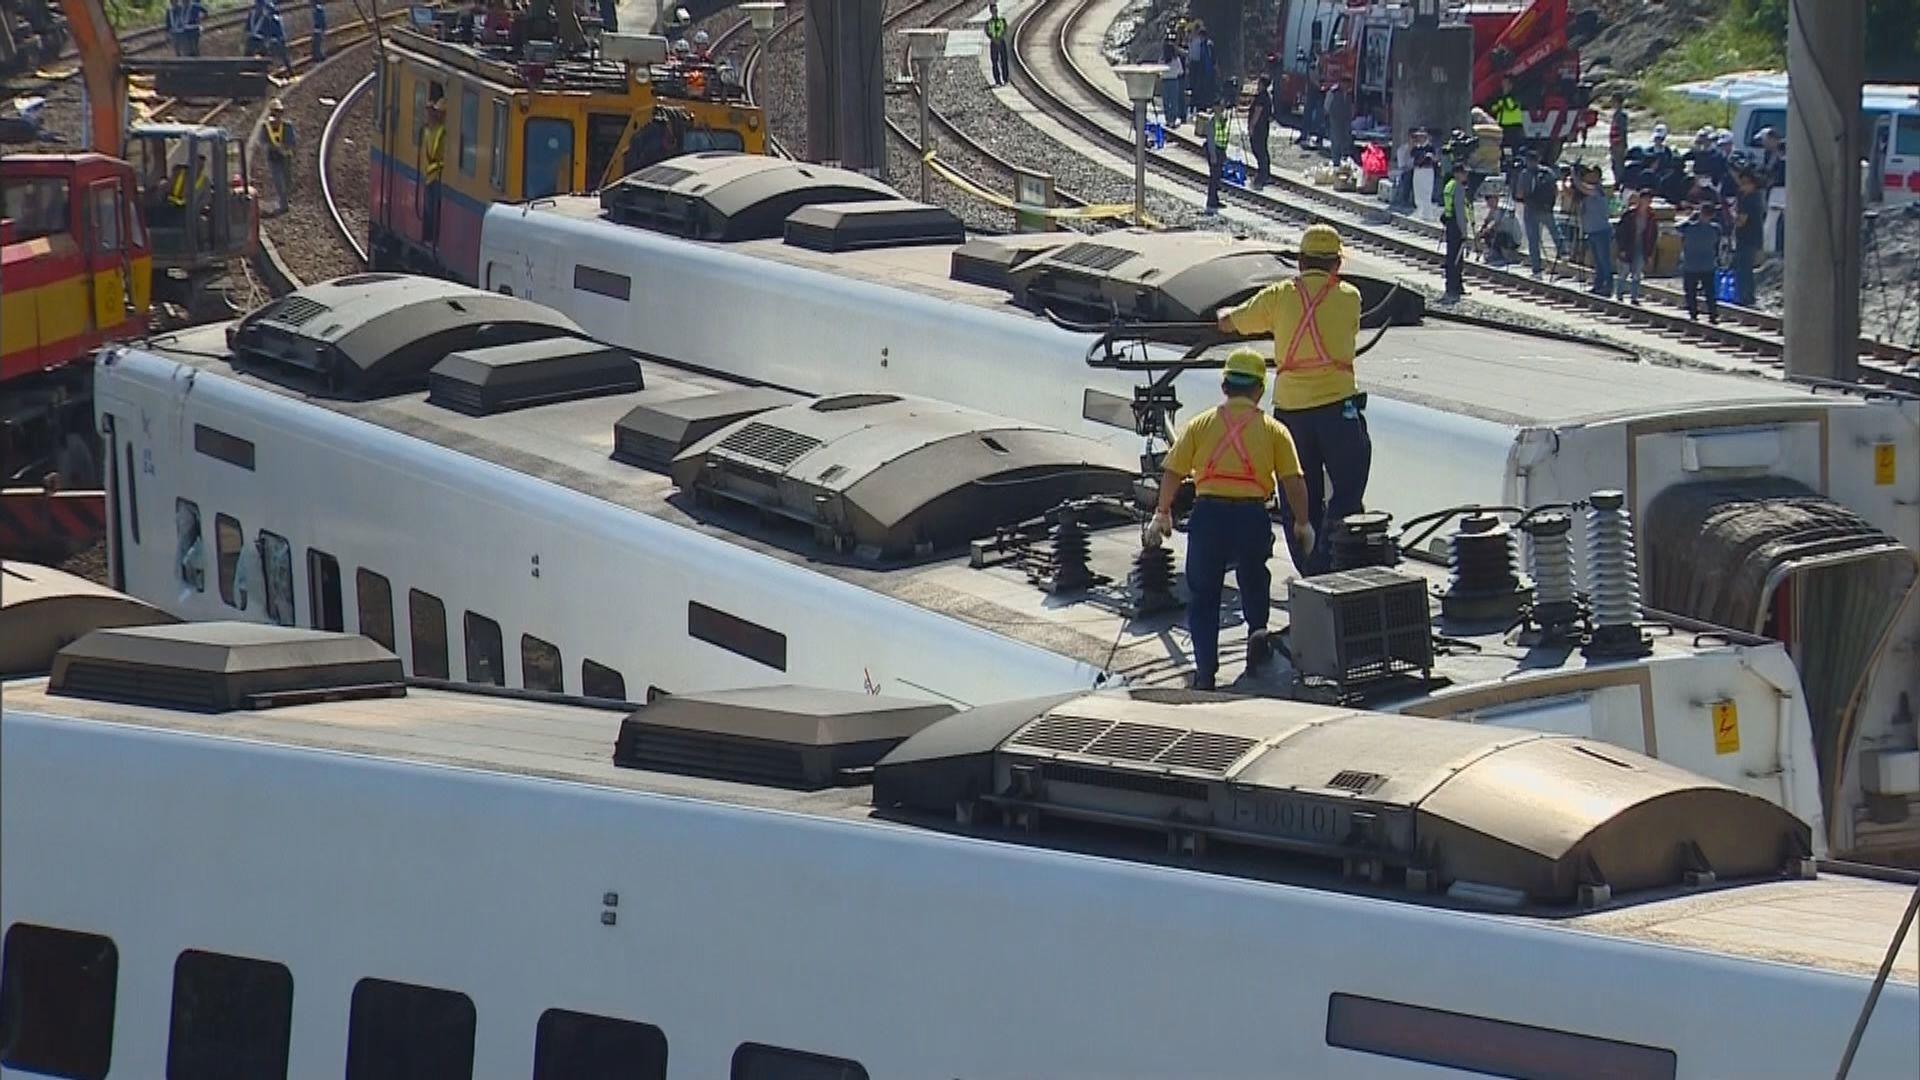 台確認列車因關閉自動防護系統及超速轉彎肇禍